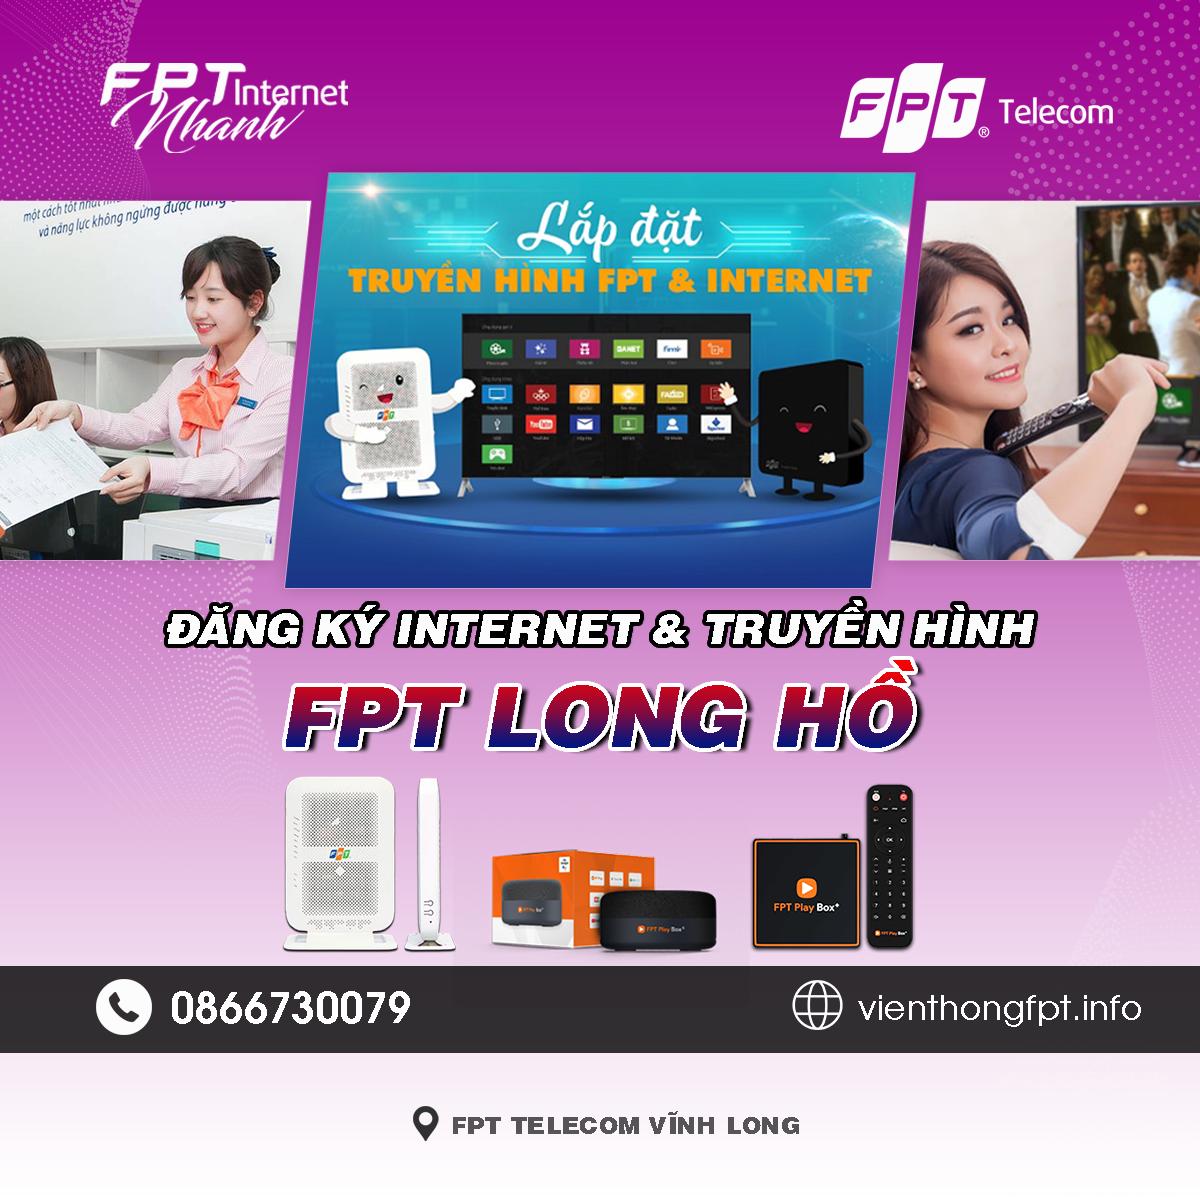 Tổng đài FPT Long Hồ - Đơn vị lắp mạng Internet và Truyền hình FPT